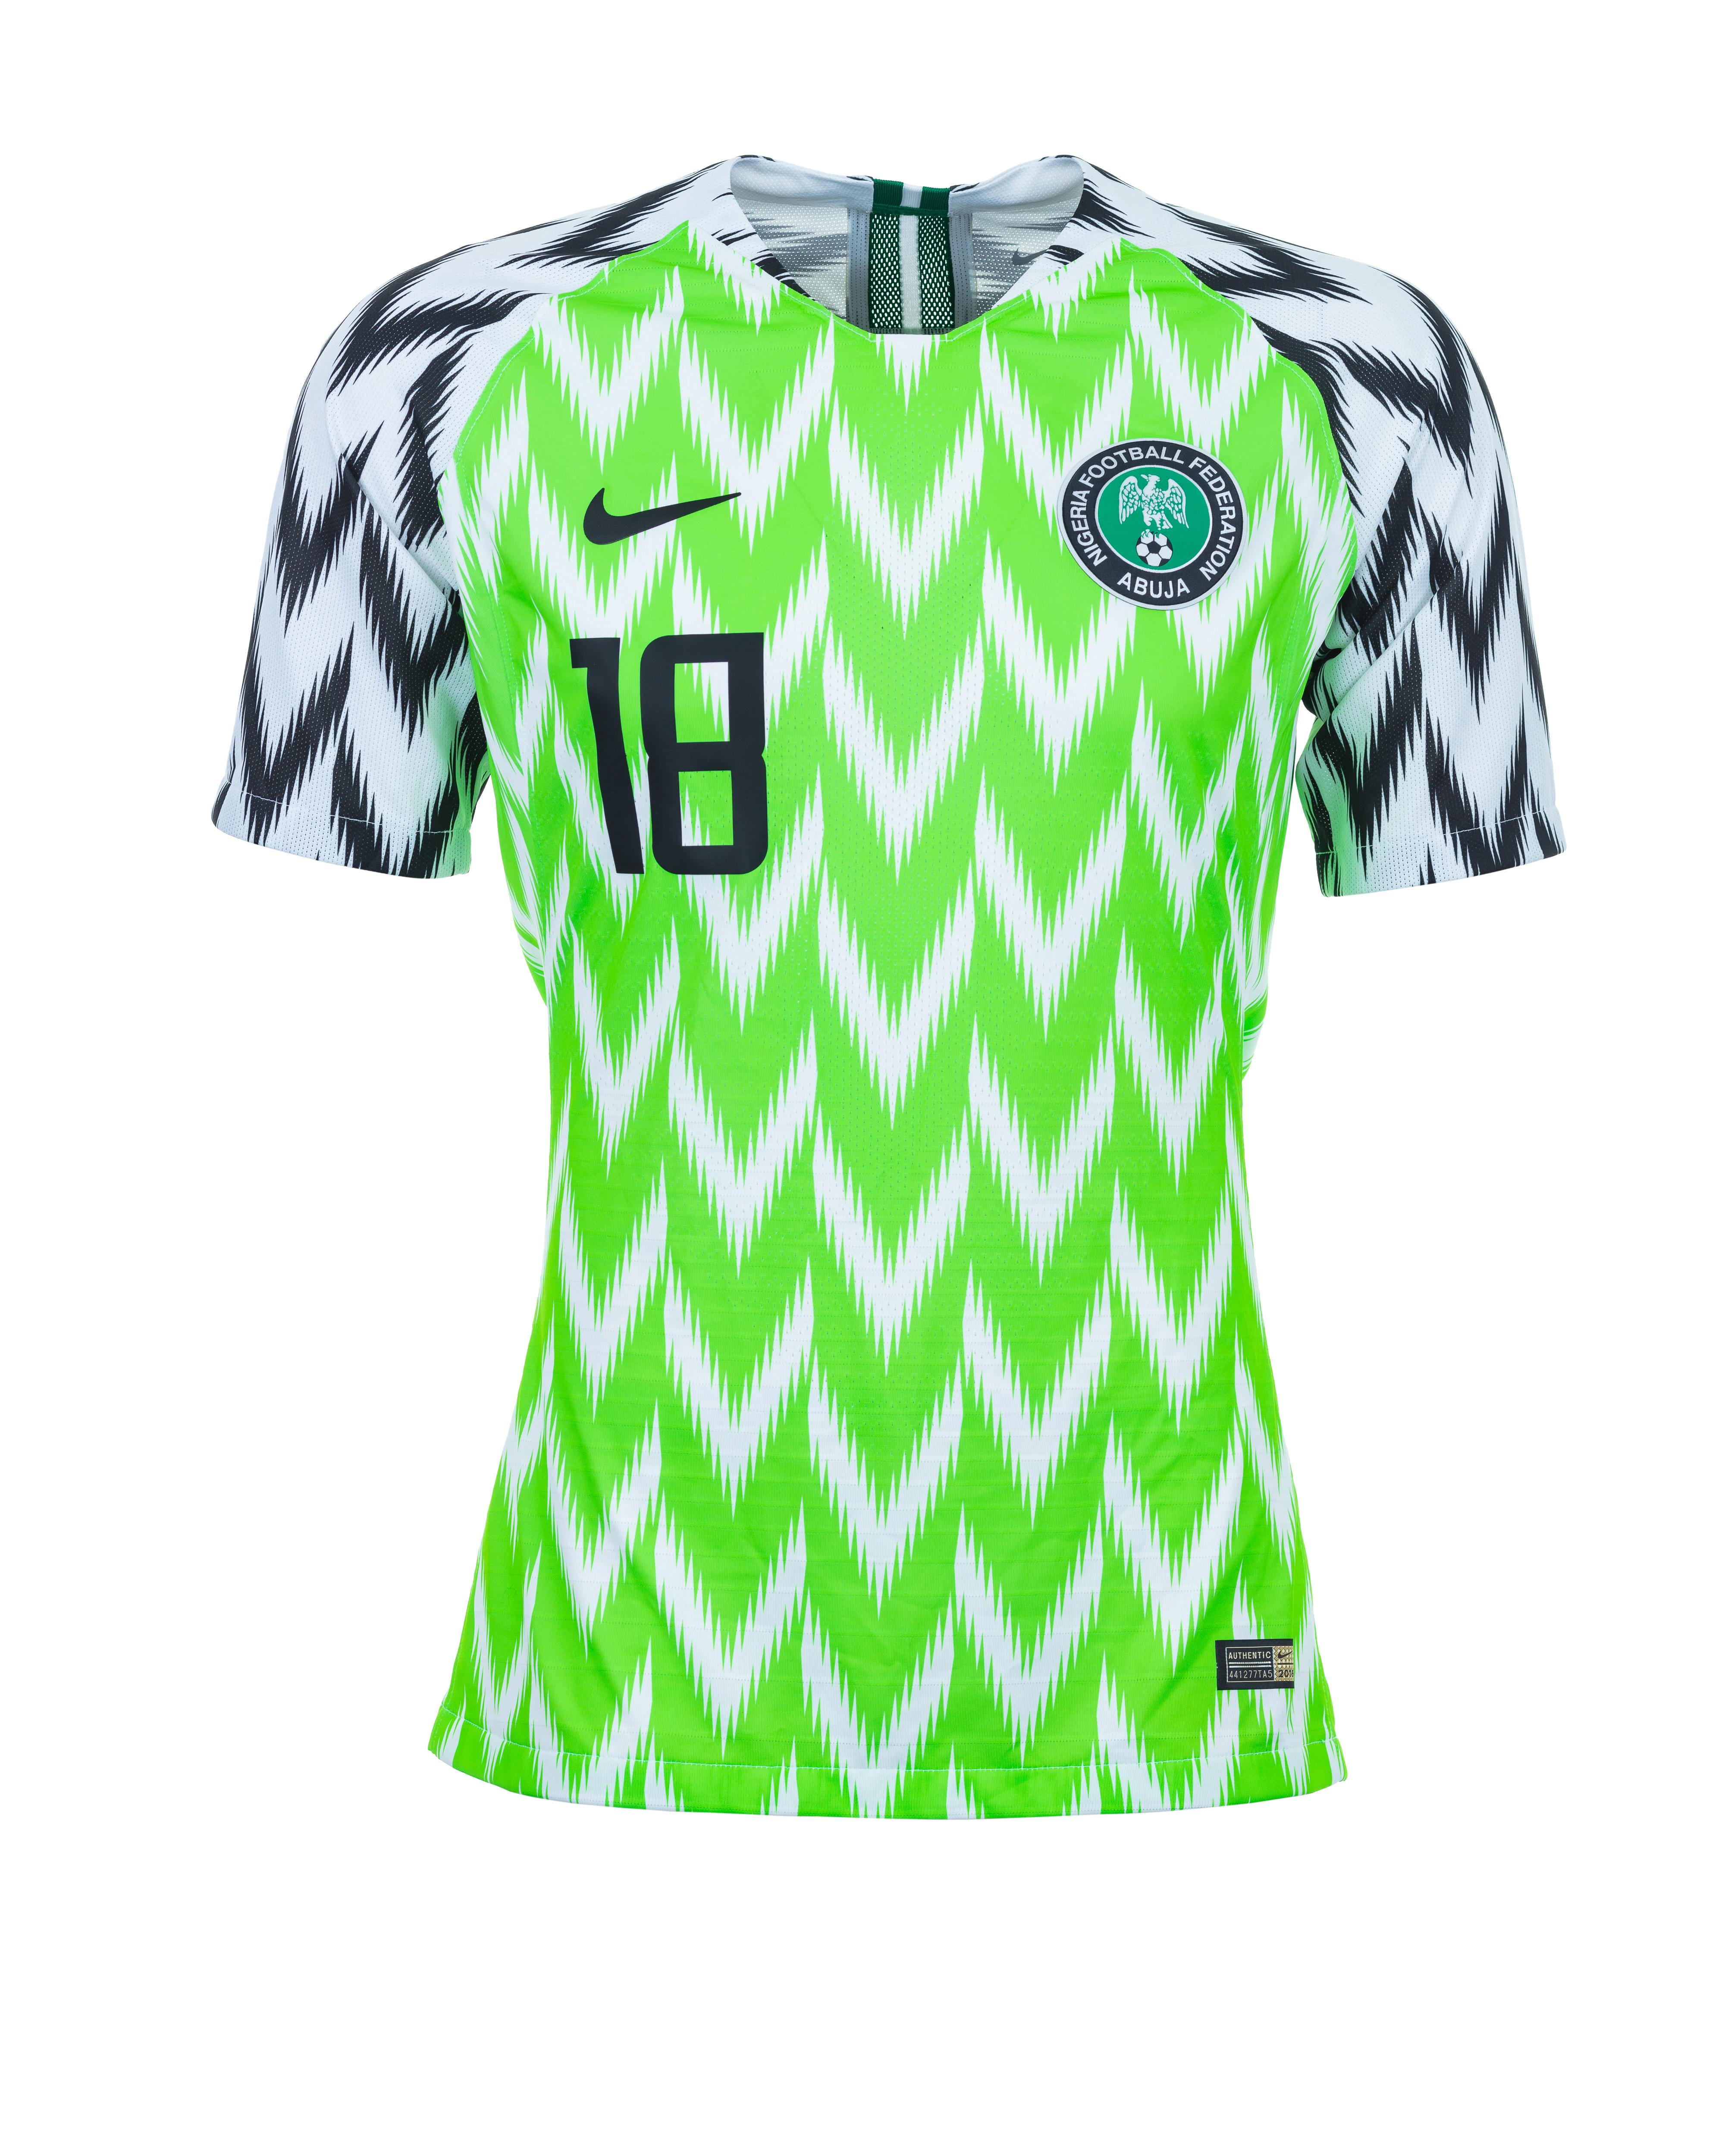 Fornecedora recebe 3 milhões de pedidos pela nova camisa da Nigéria ... 980a0382667de